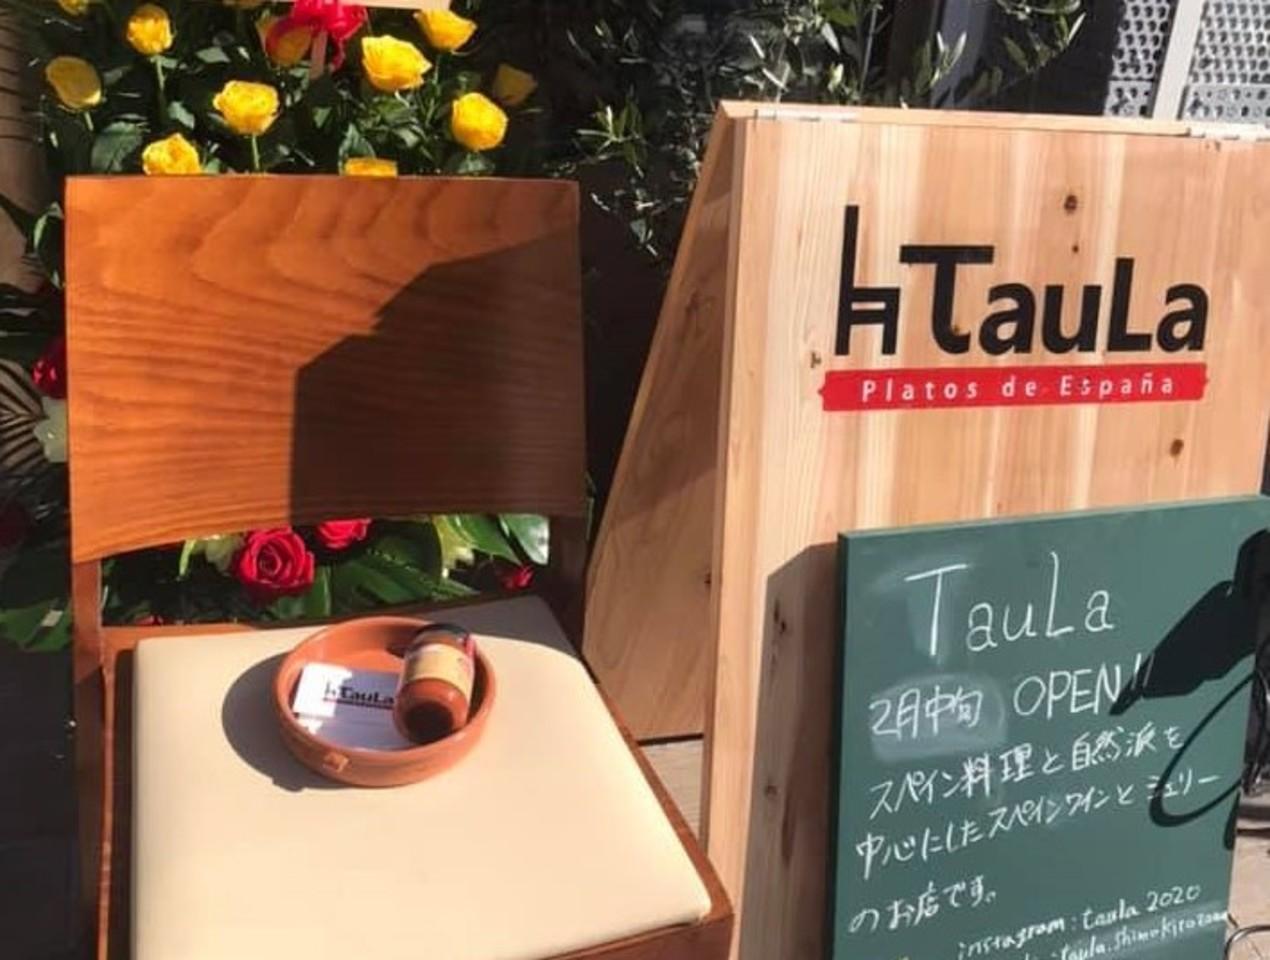 スペイン郷土料理とワインのお店...東京都世田谷区北沢3丁目に「タウラ」2/13~プレオープン